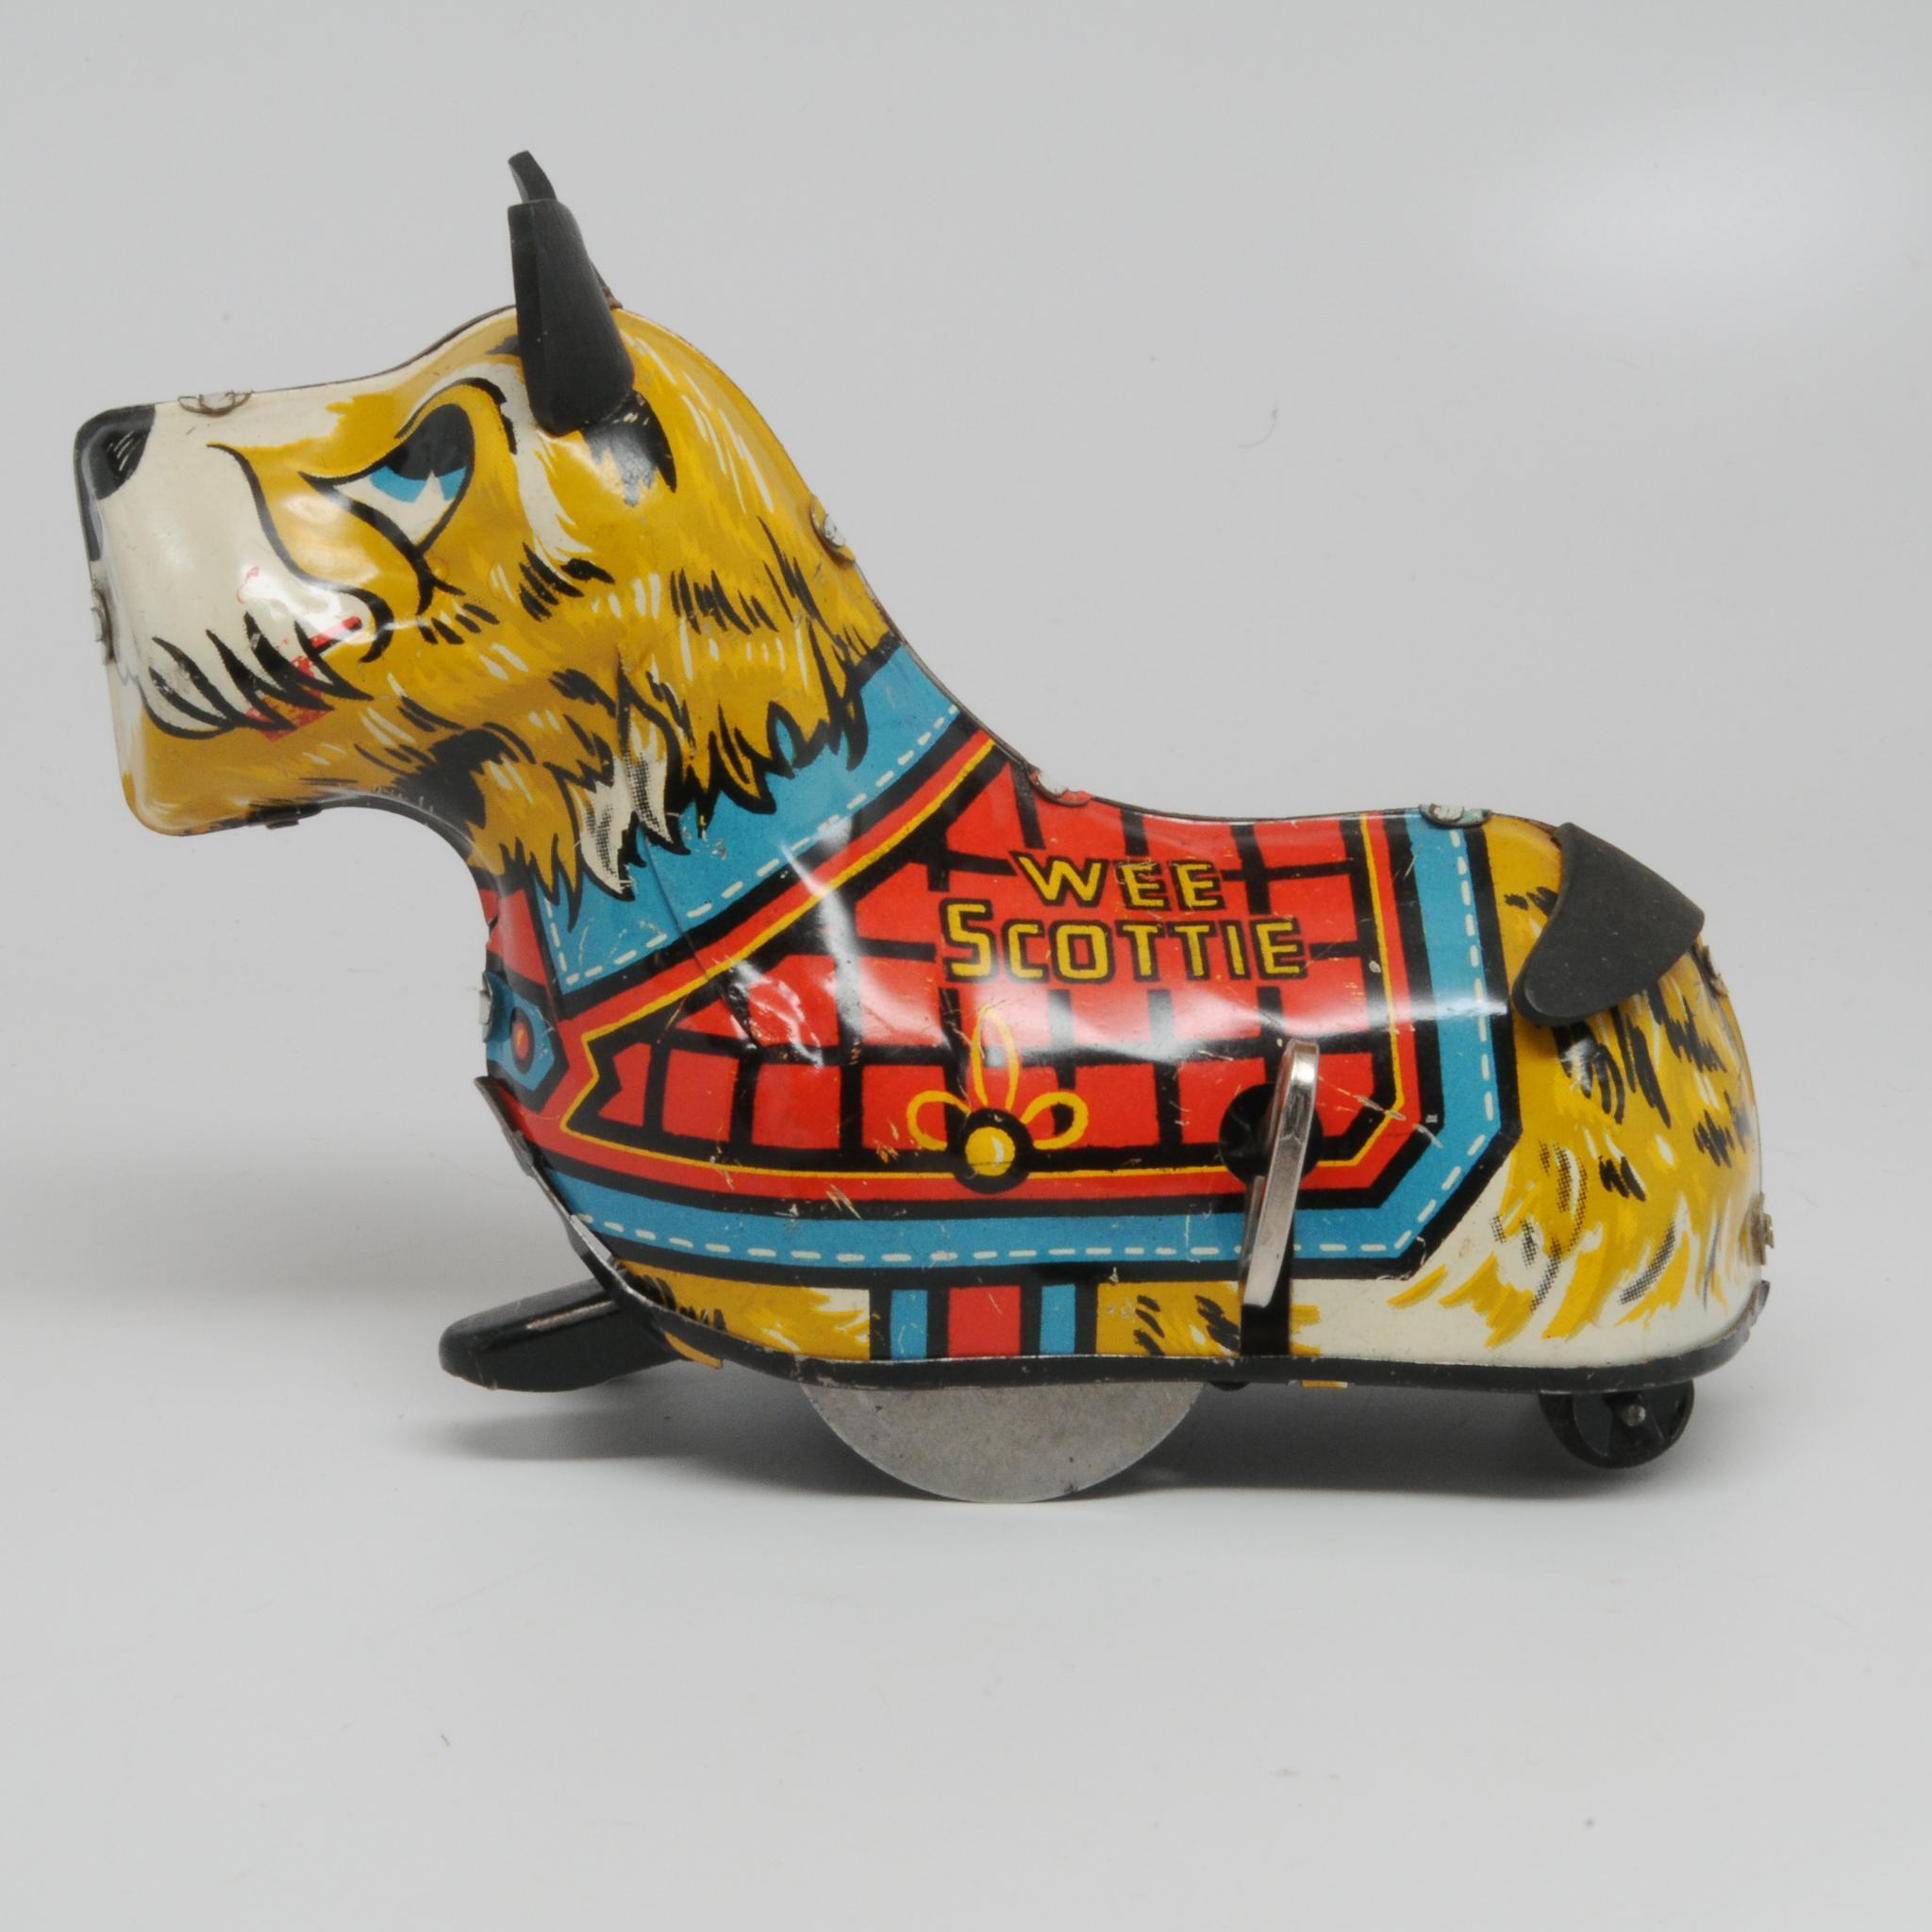 Marx Wee Scottie Wind-up Scottie Dog